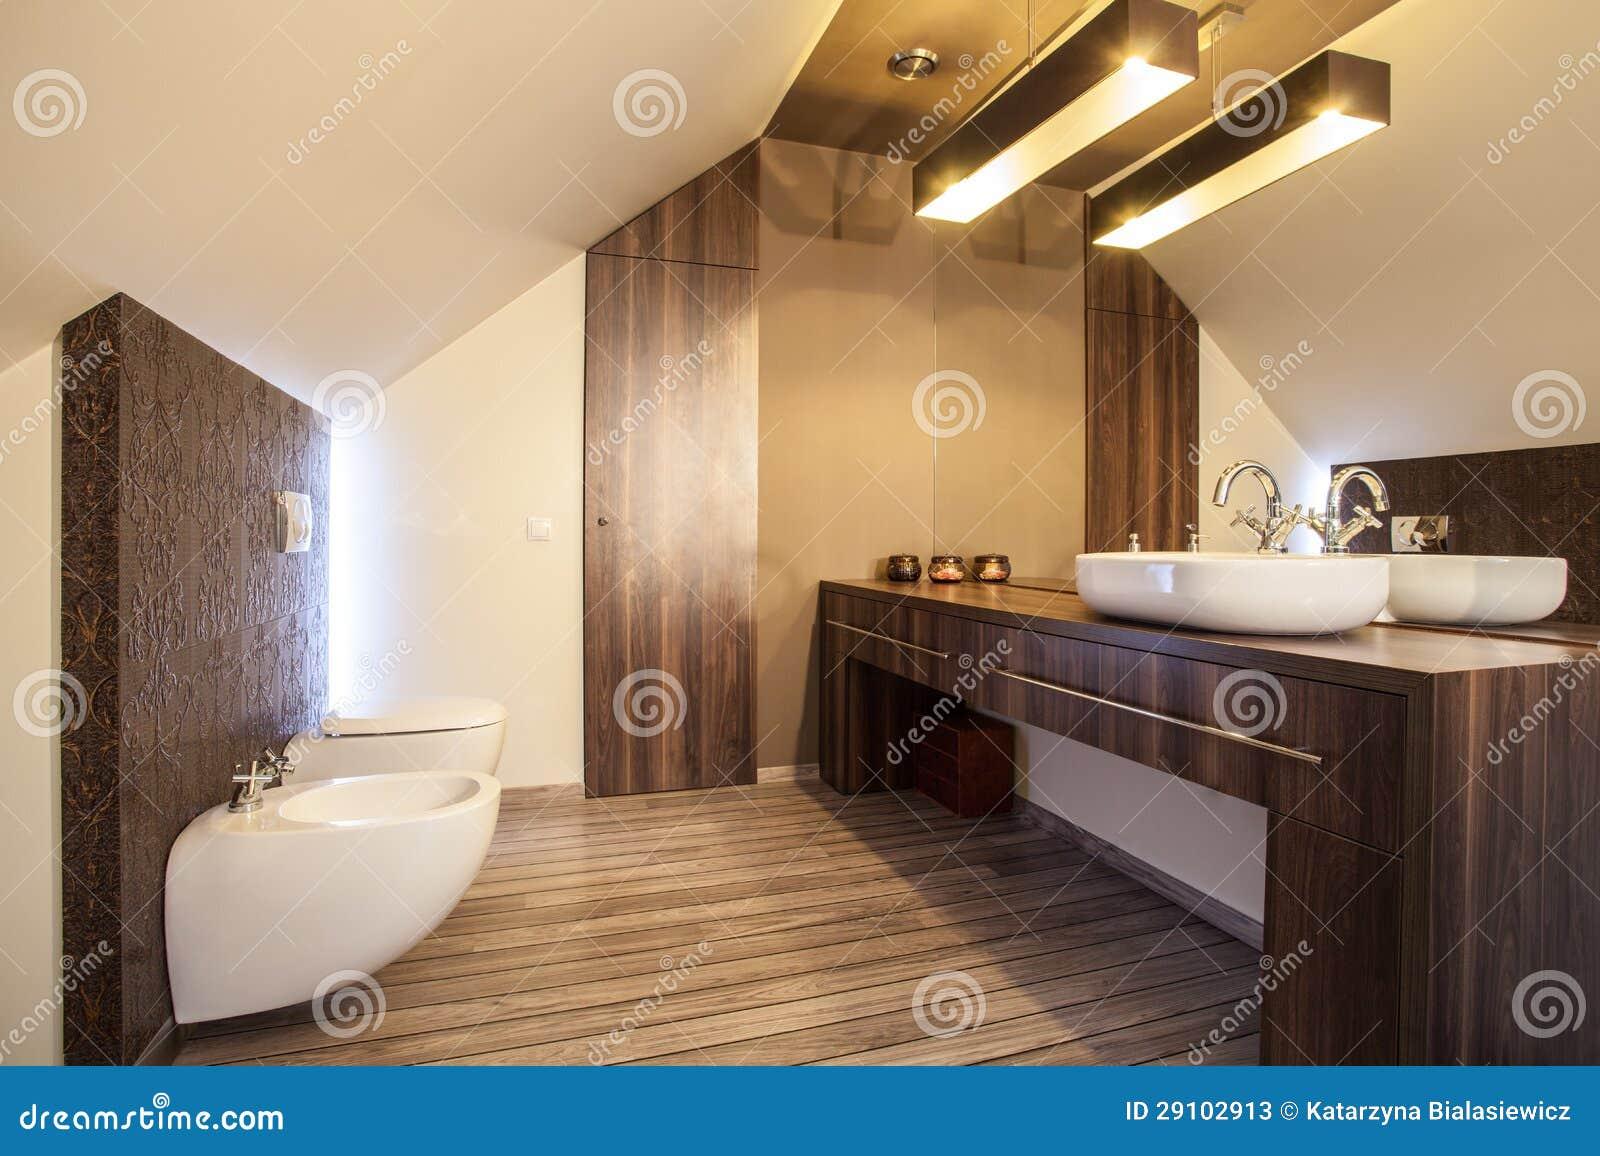 HOME Do País Bancada Do Banheiro Fotos de Stock Imagem: 29102913 #82A328 1300x957 Banheiro Bancada Madeira